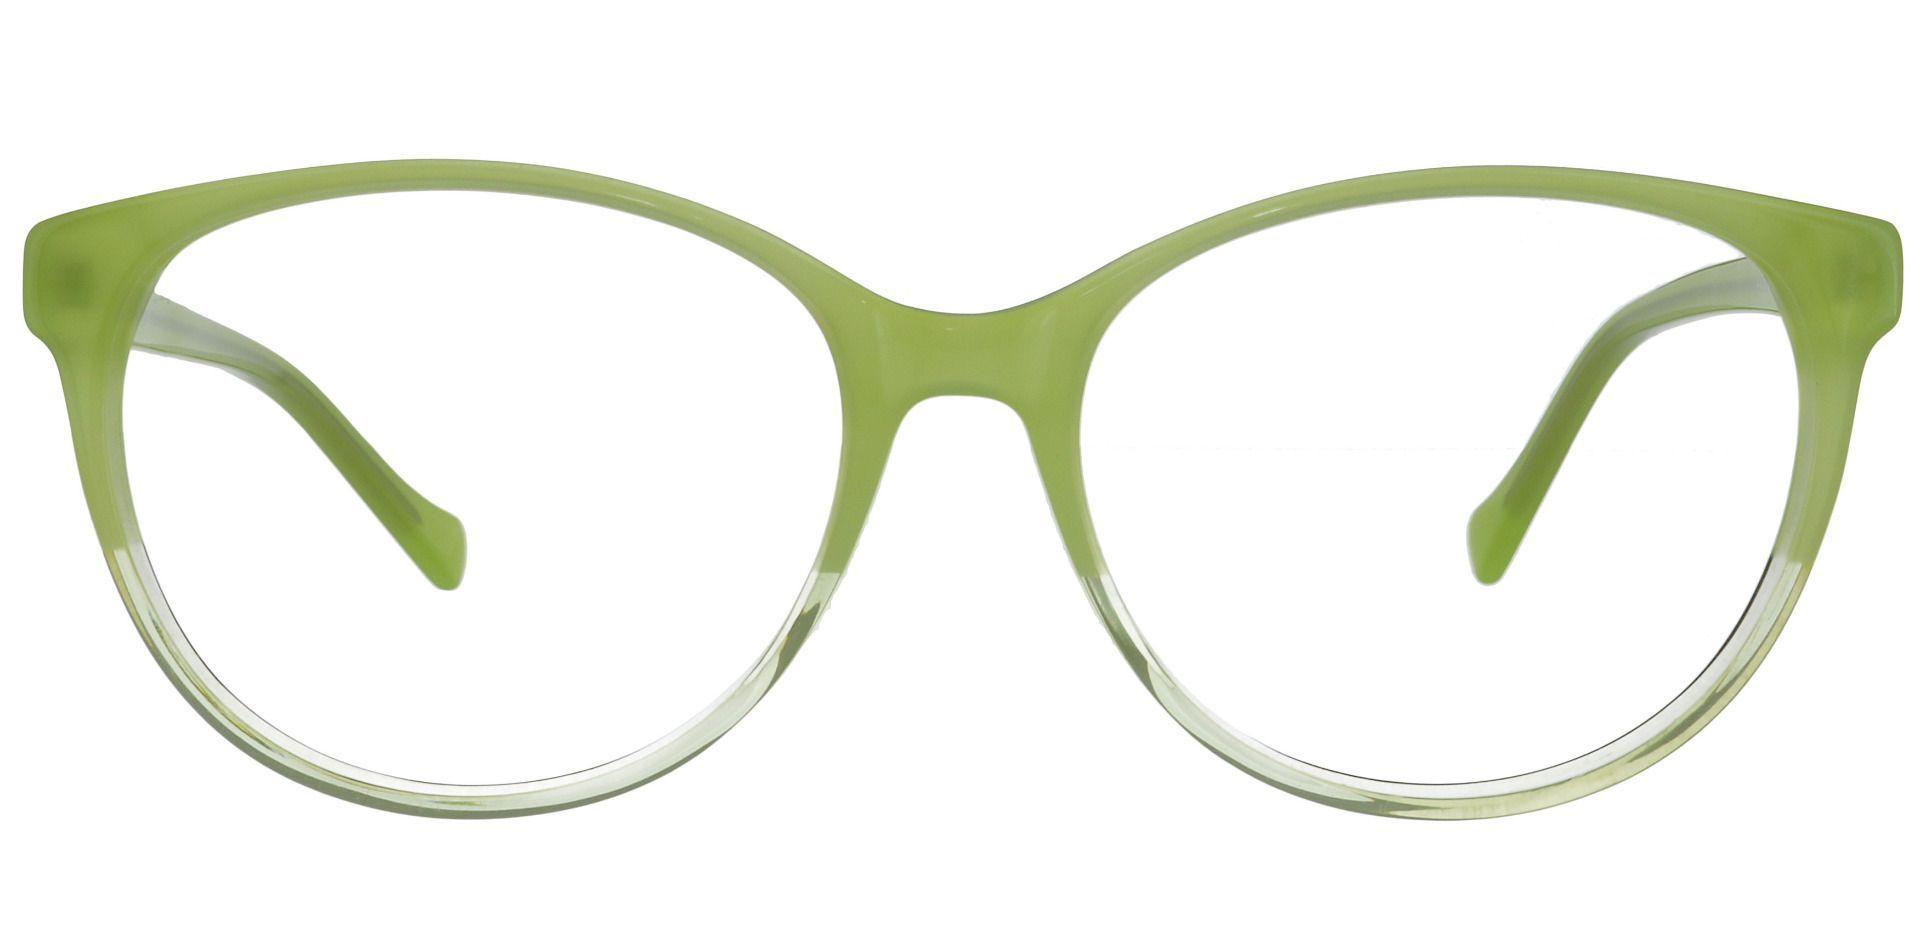 Genovia Oval Prescription Glasses - Green